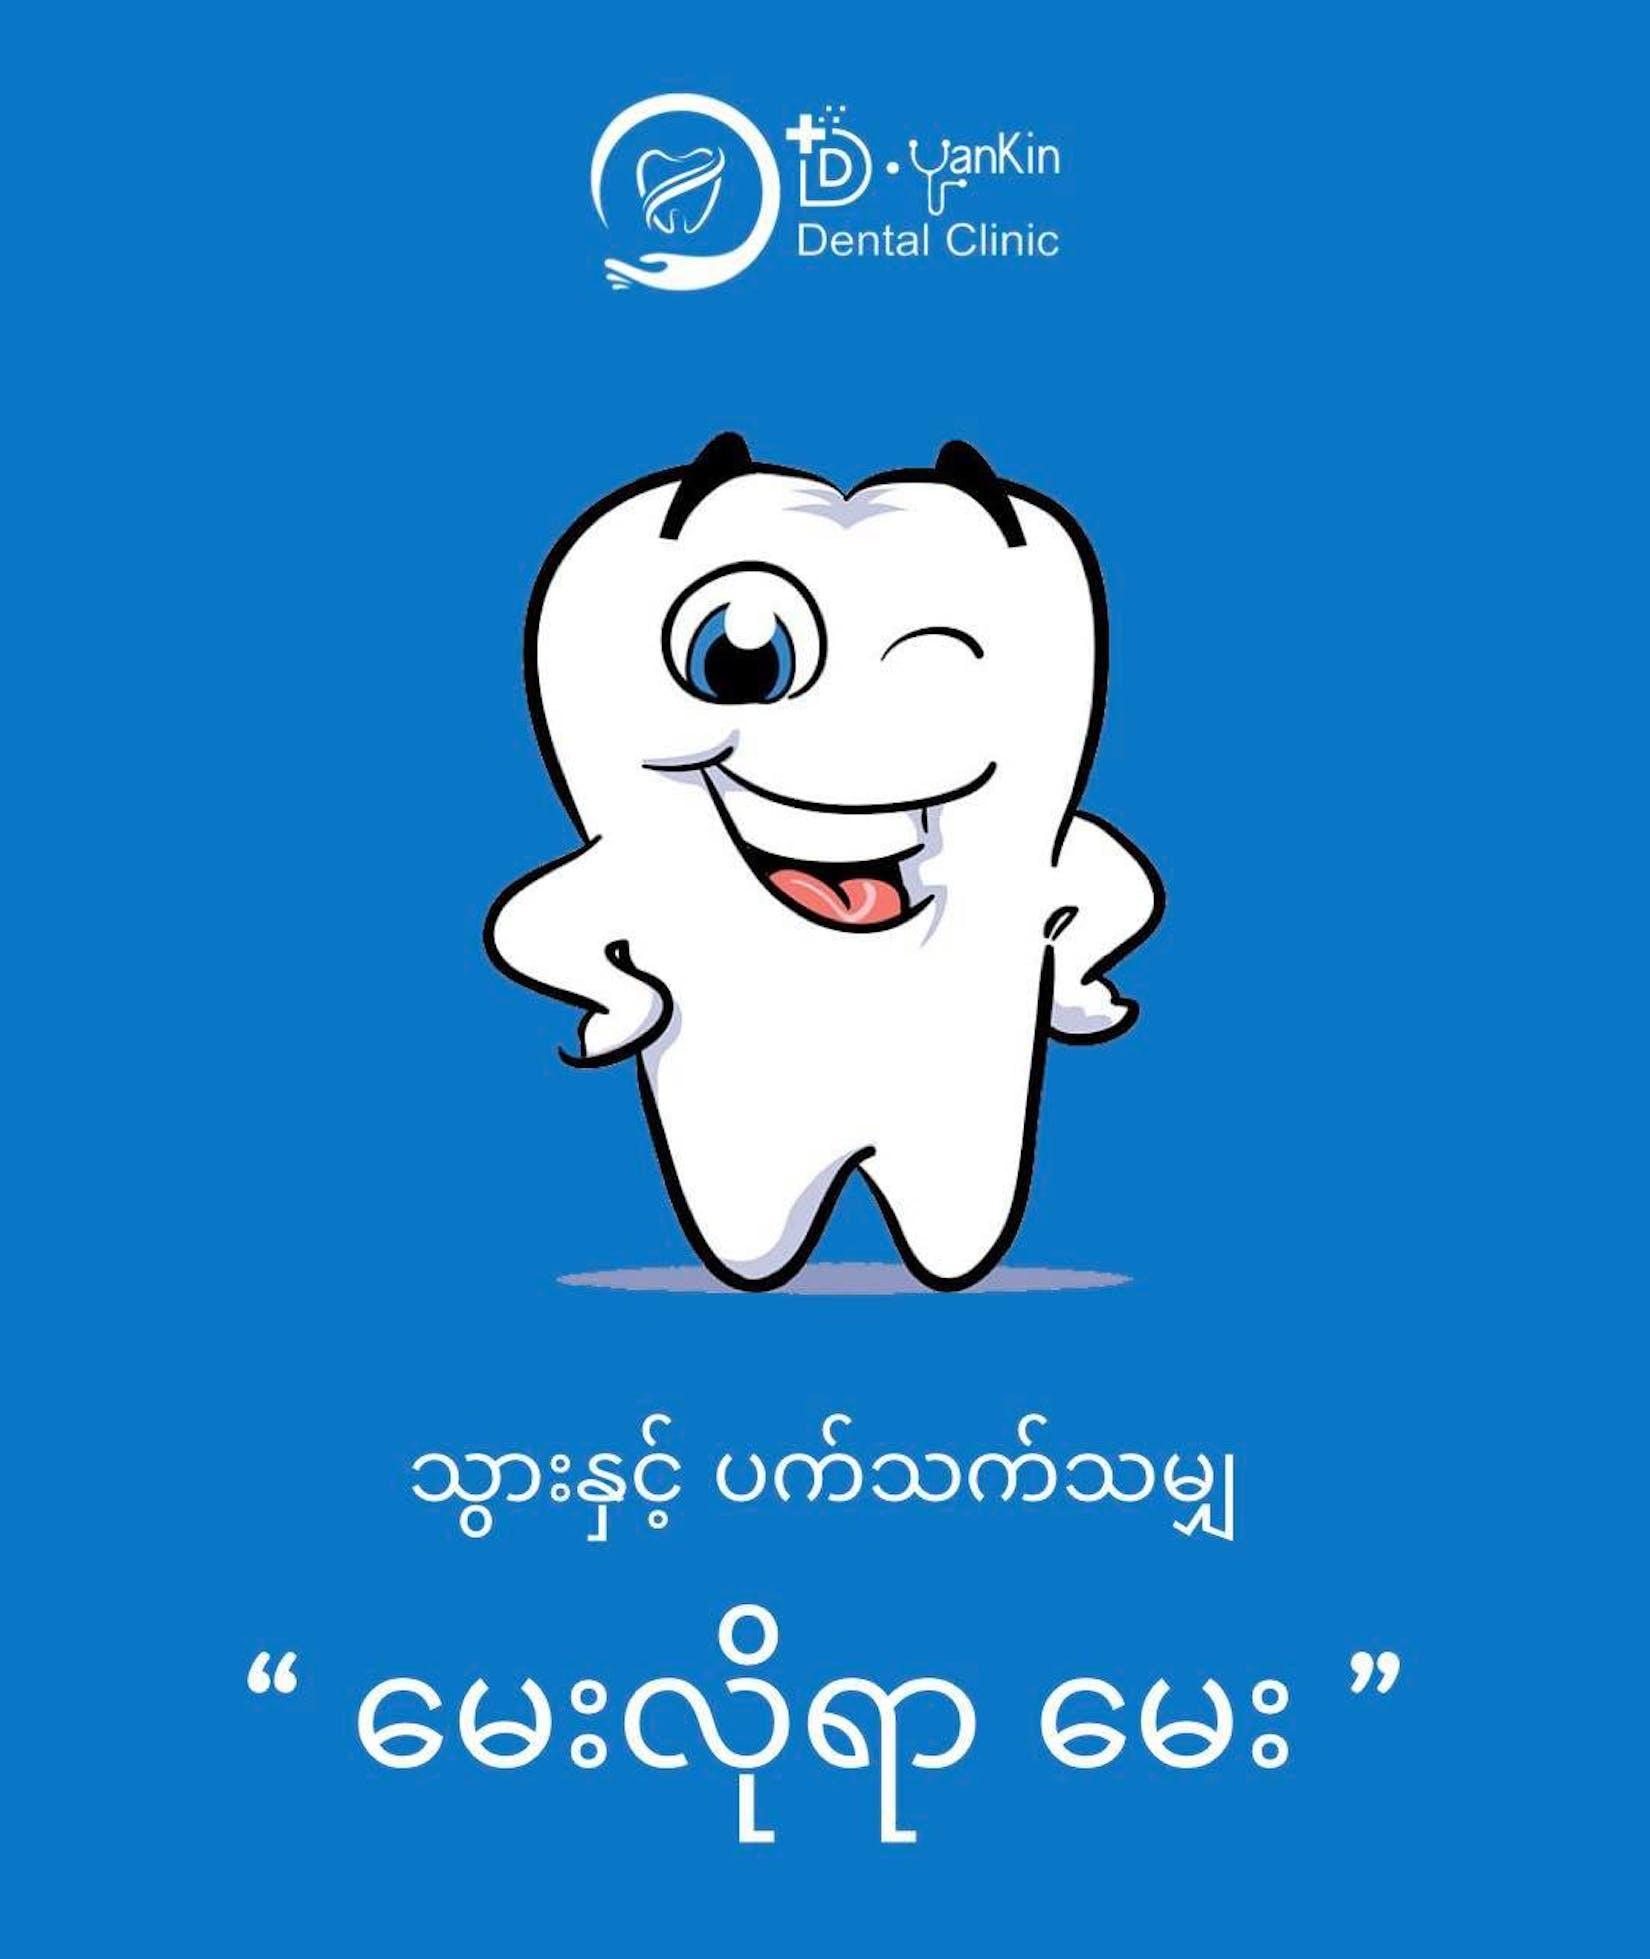 D-Yankin Dental Clinic | Medical